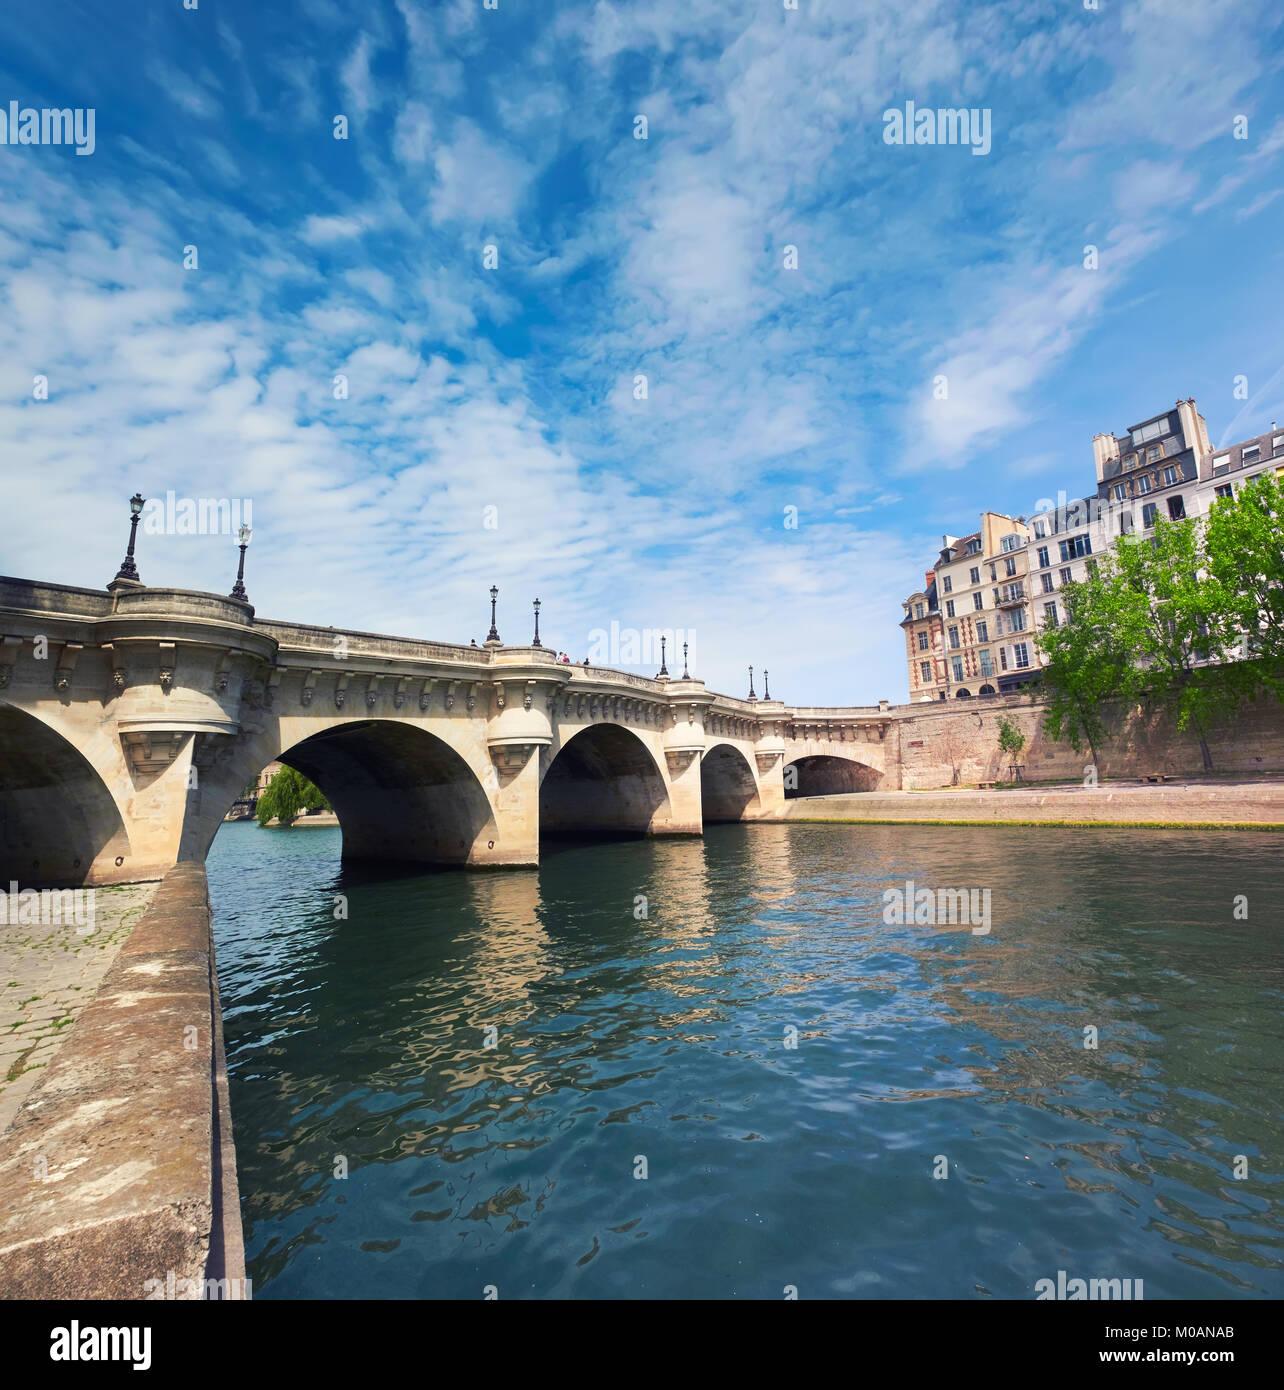 Pont Neuf, el puente sobre el río Sena en París, Francia, en un día soleado, imagen panorámica. Imagen De Stock